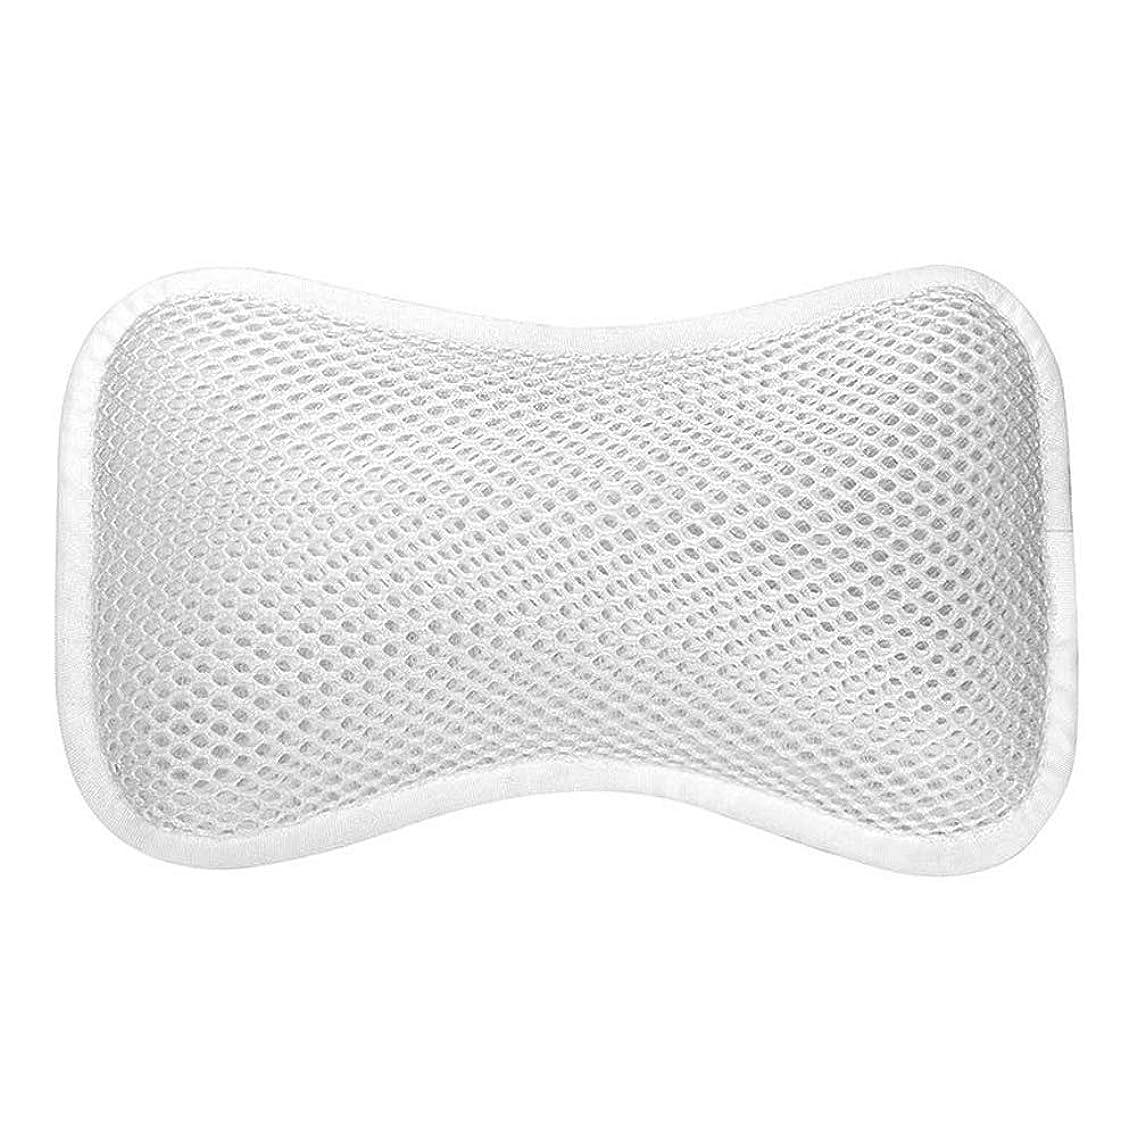 気付く気づく始まり3D網の骨の定形バスタブの枕、吸盤が付いている人間工学的の設計滑り止??めの浴槽の枕